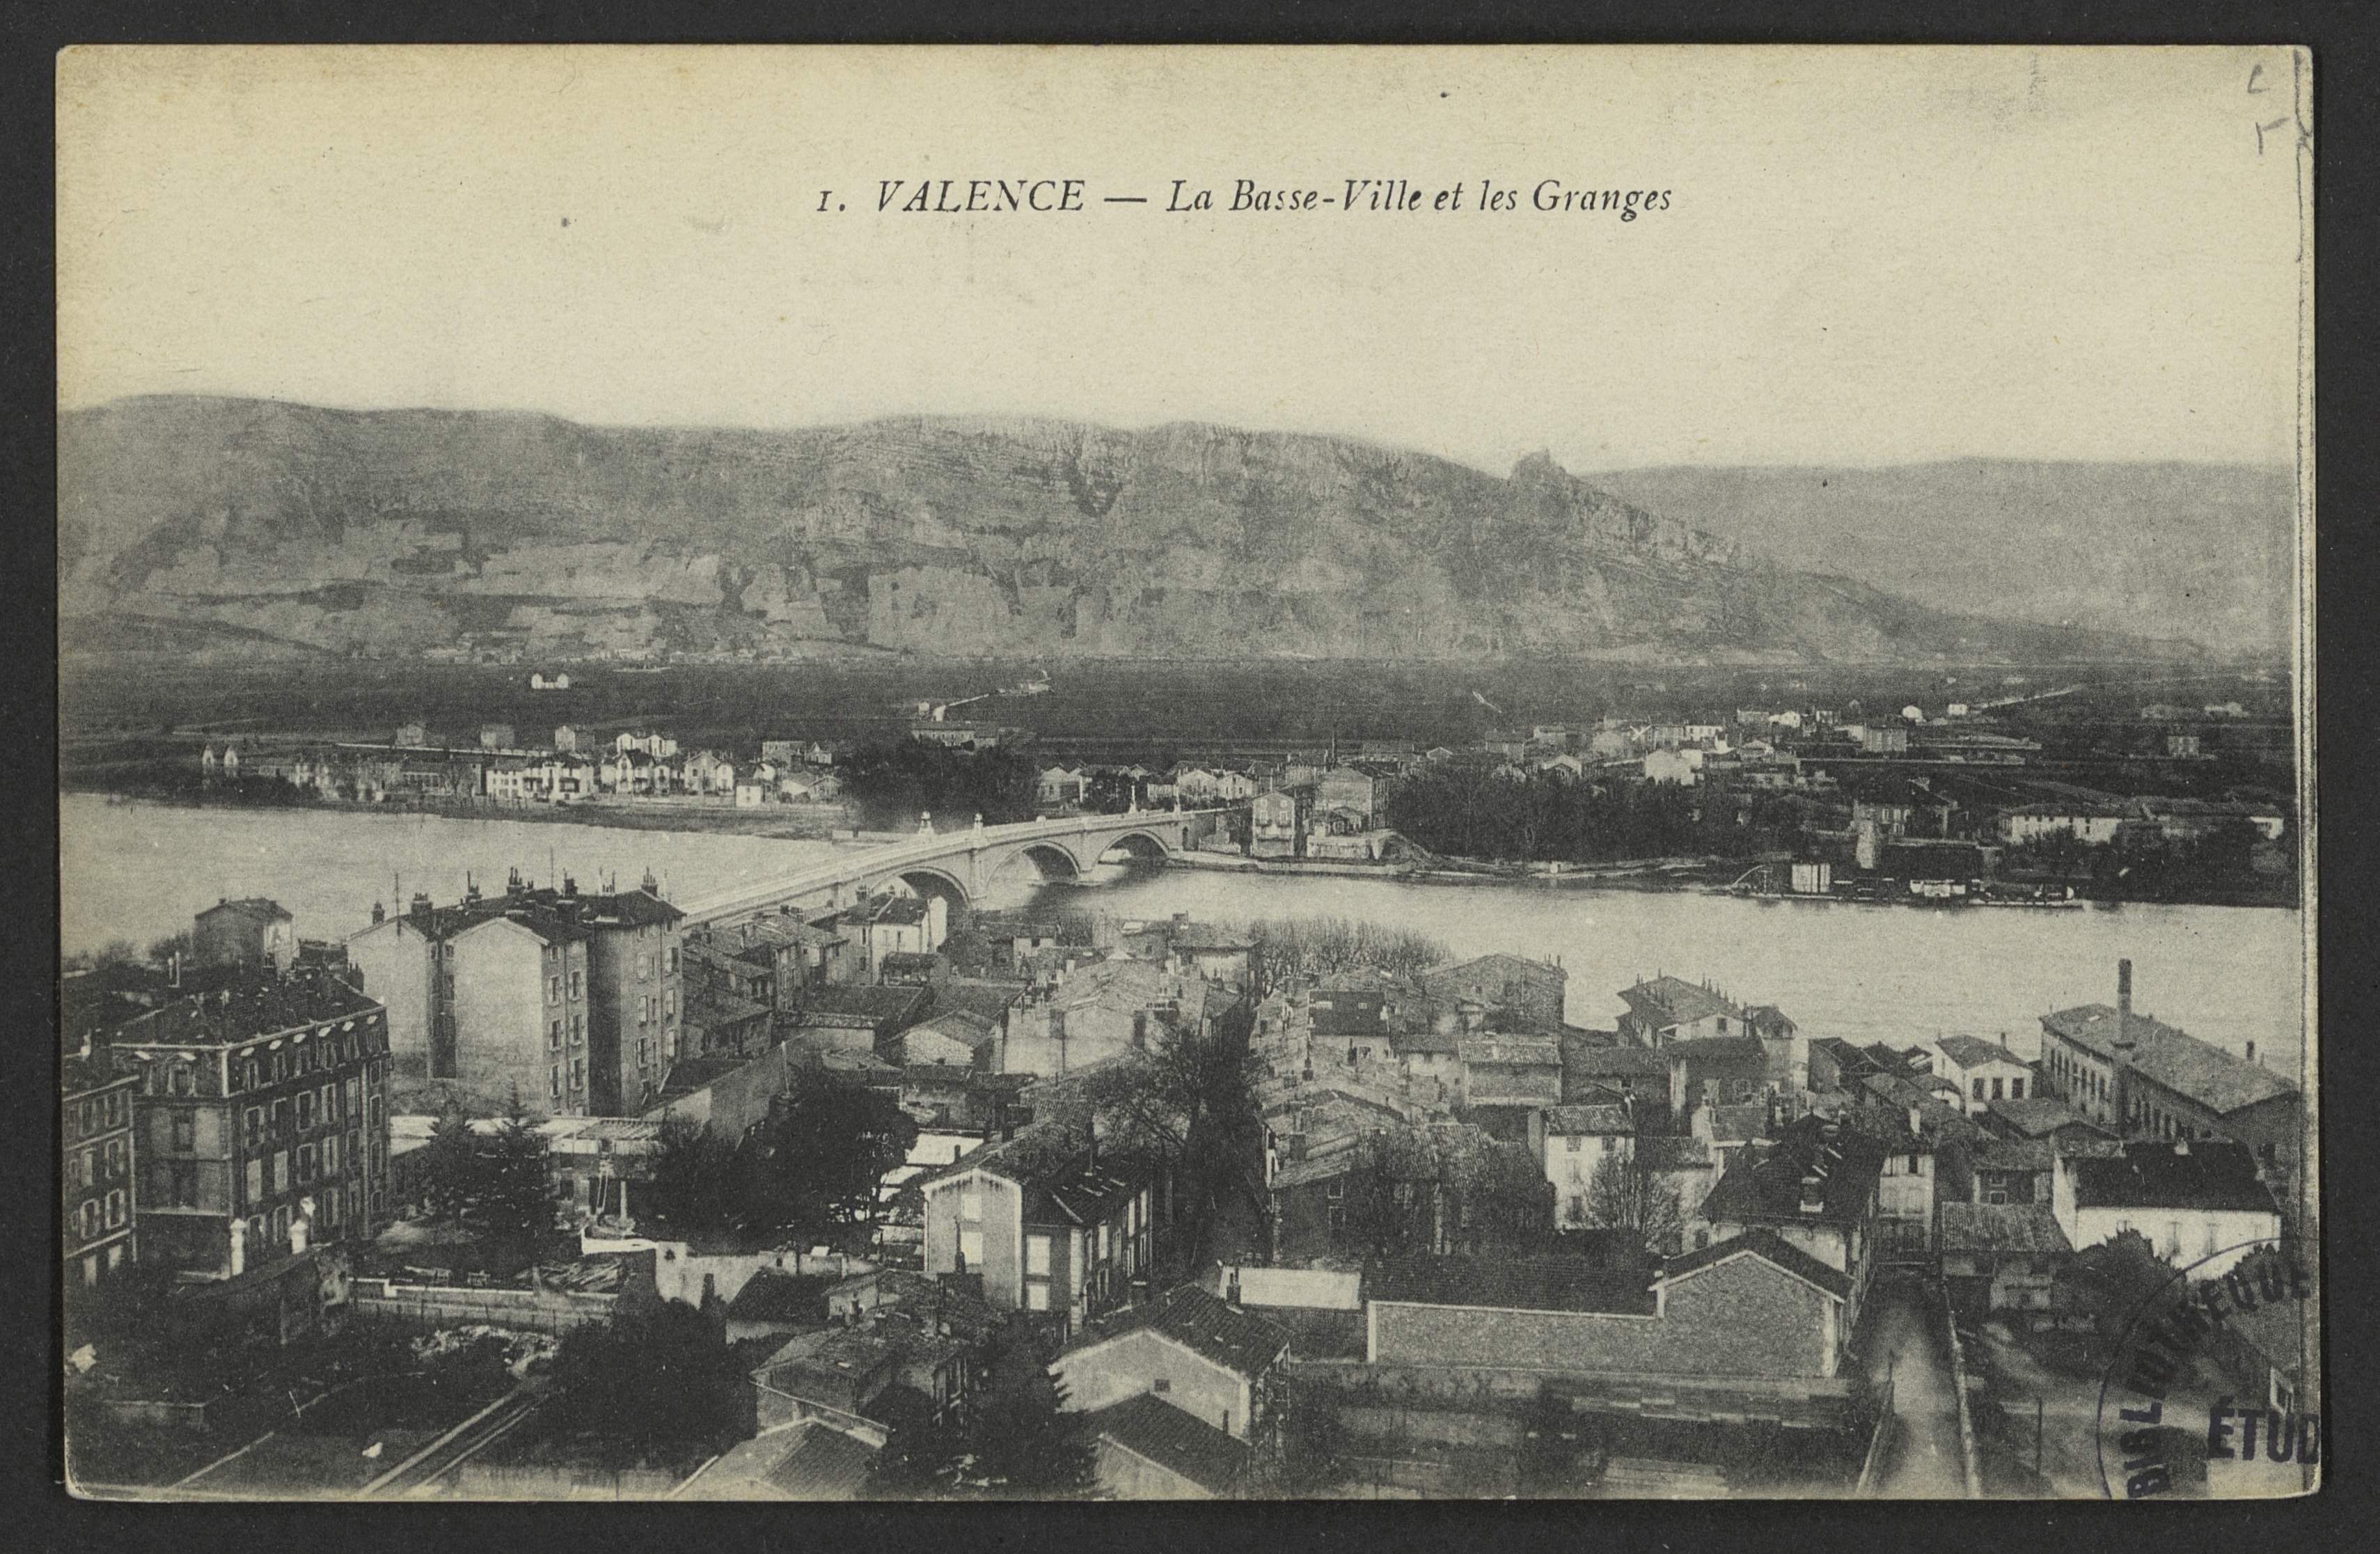 Valence - La Basse-Ville et les Granges